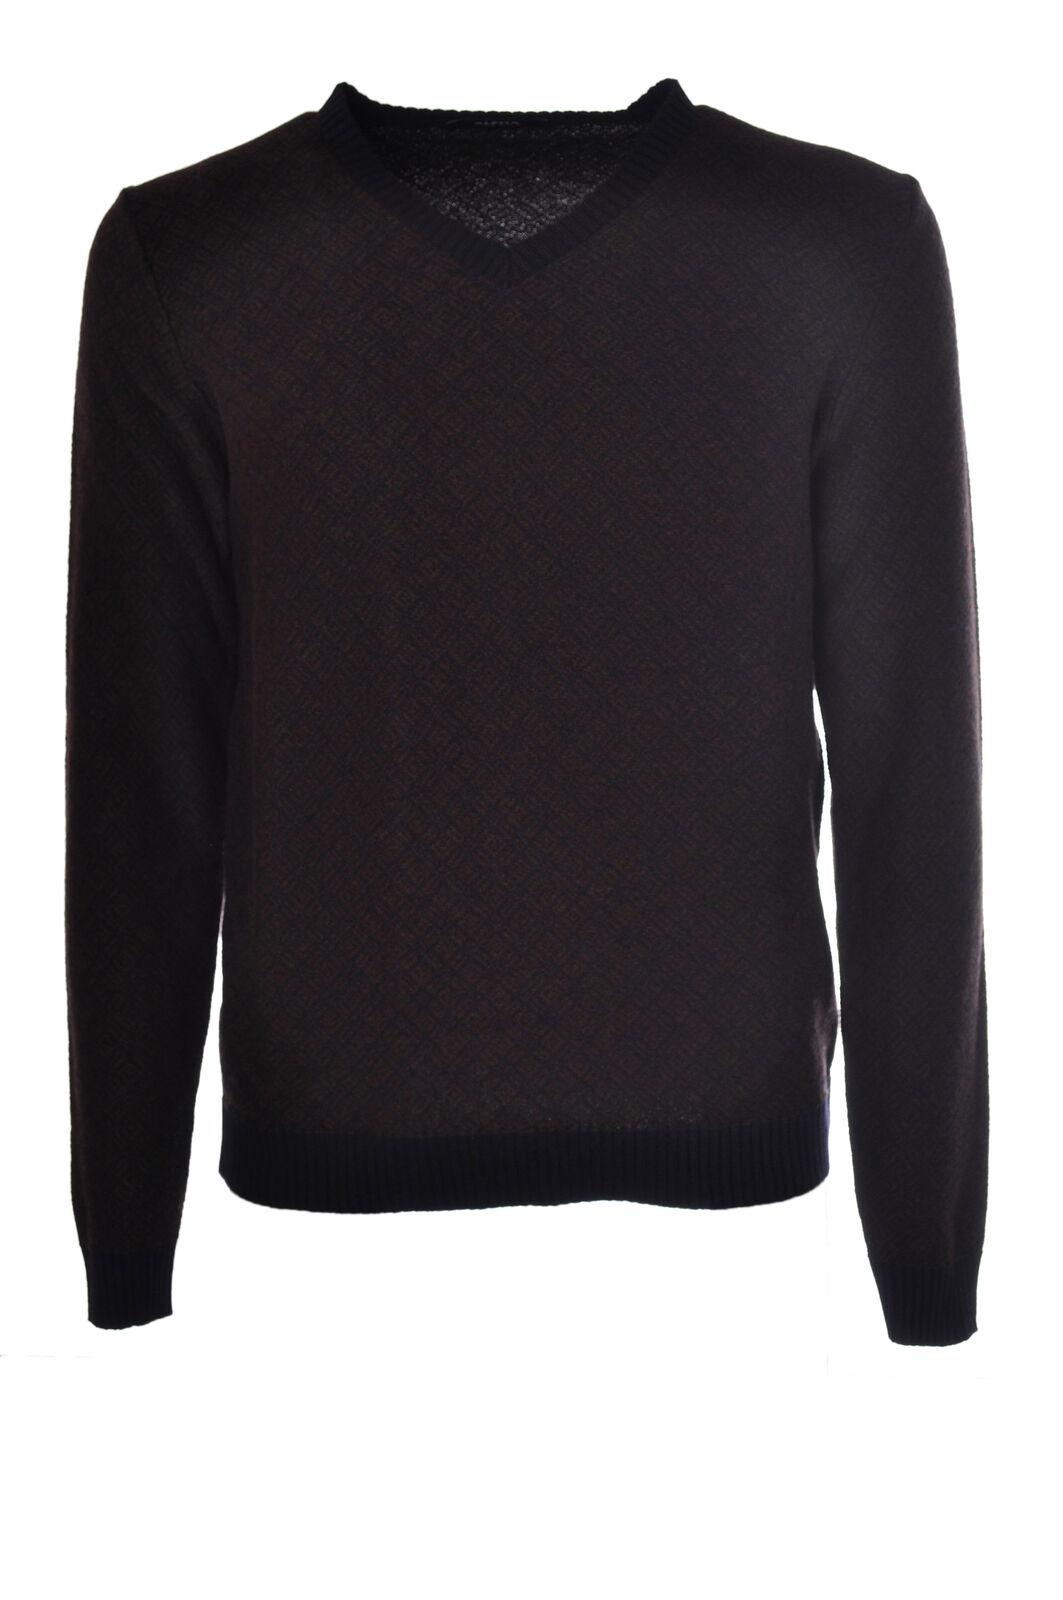 Alpha  -  Sweaters - Male - bluee - 2863901A184341